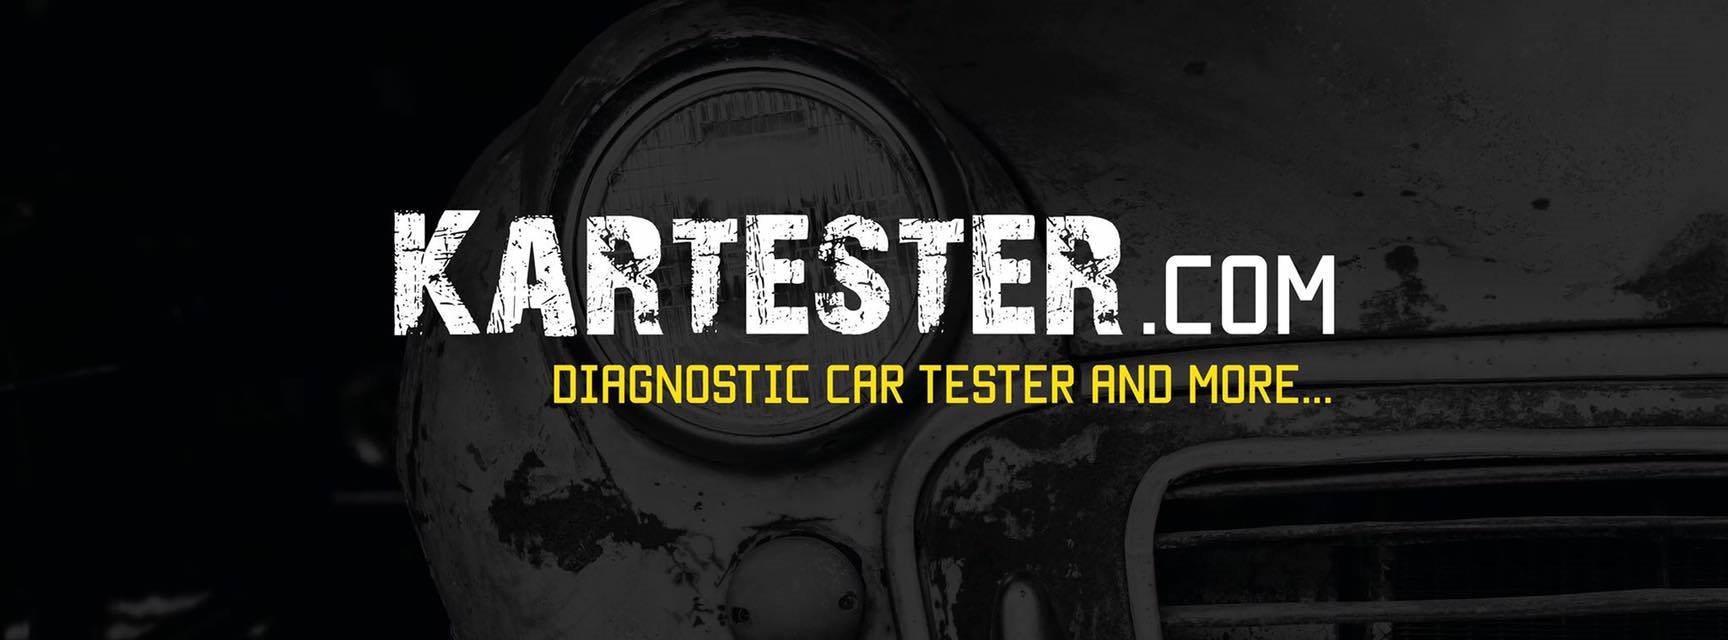 KARTESTER.com